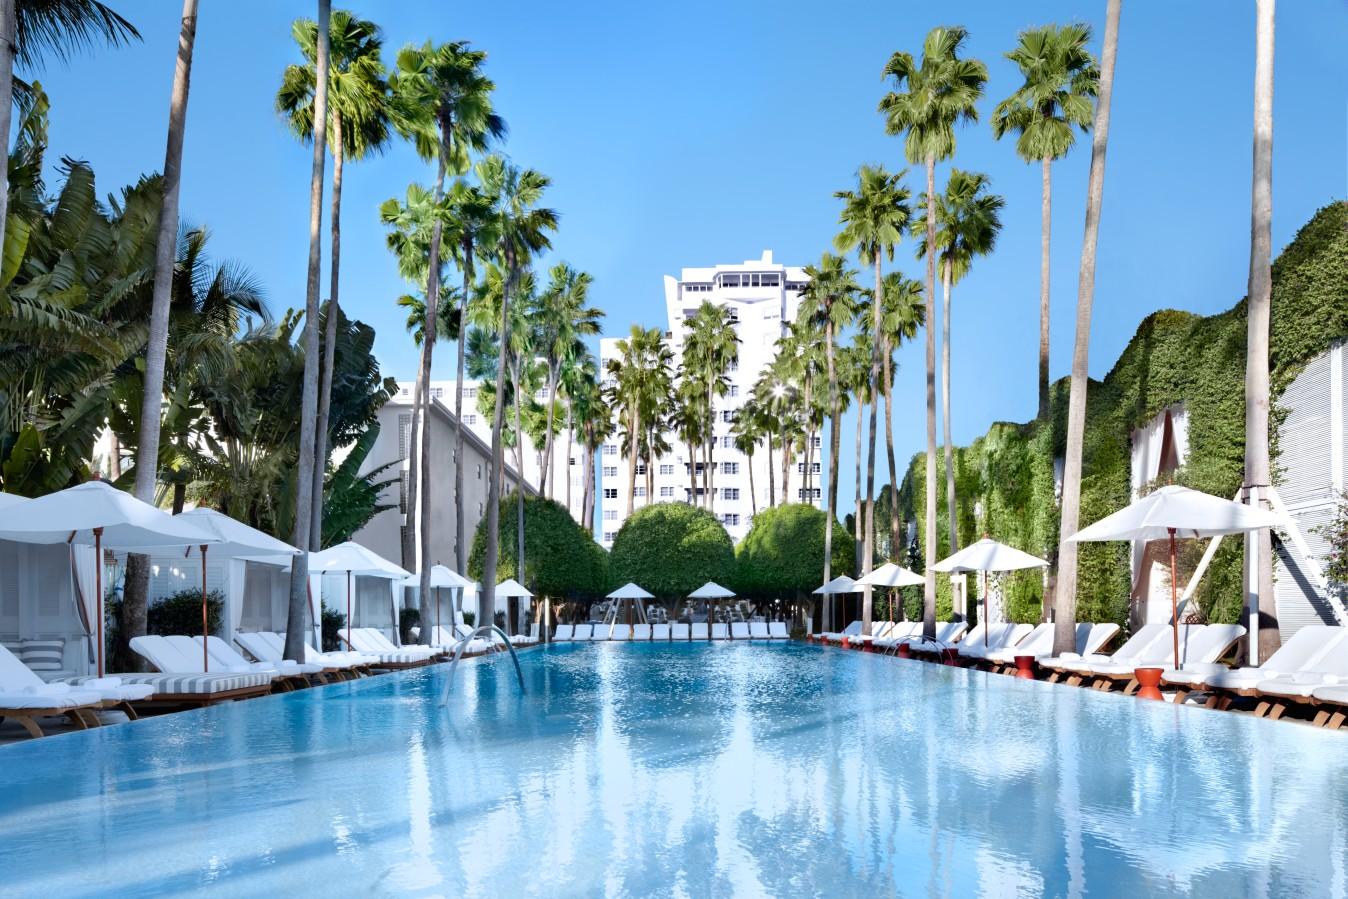 Delano Hotel at Miami Beach